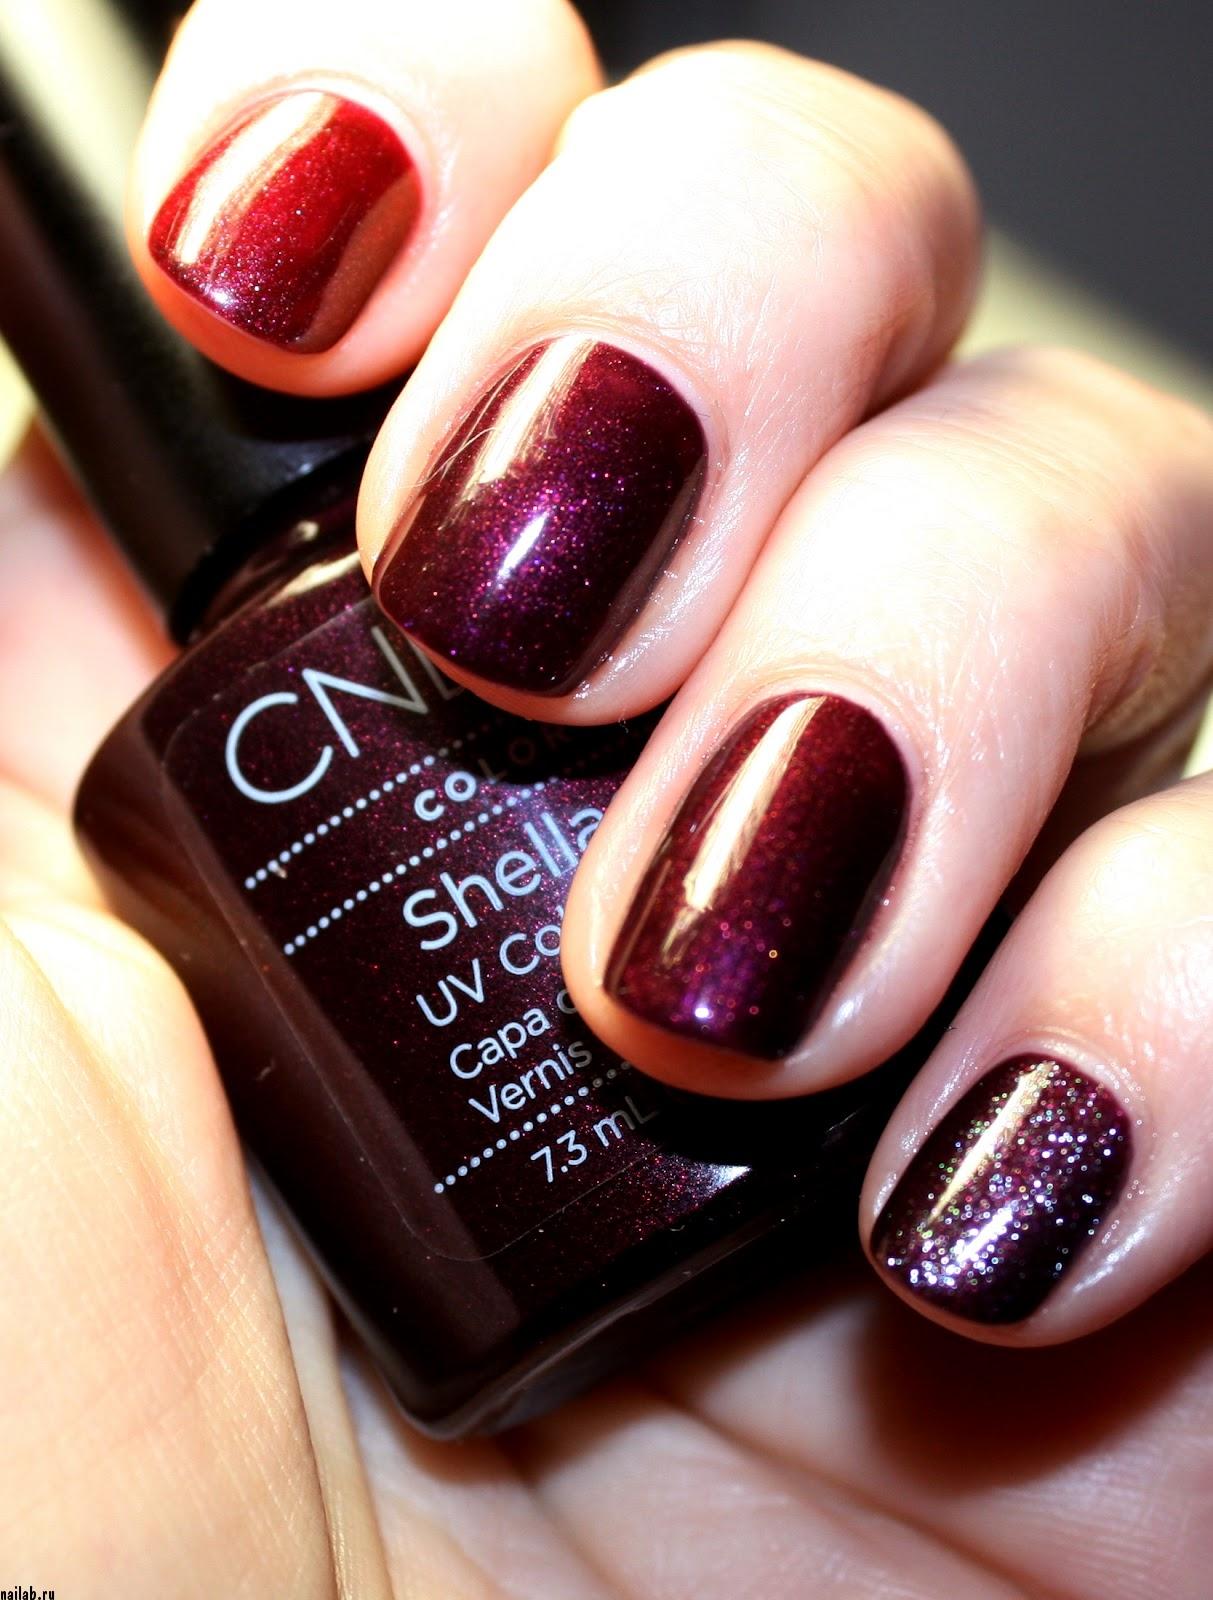 CND — инновационный лак для ногтей.